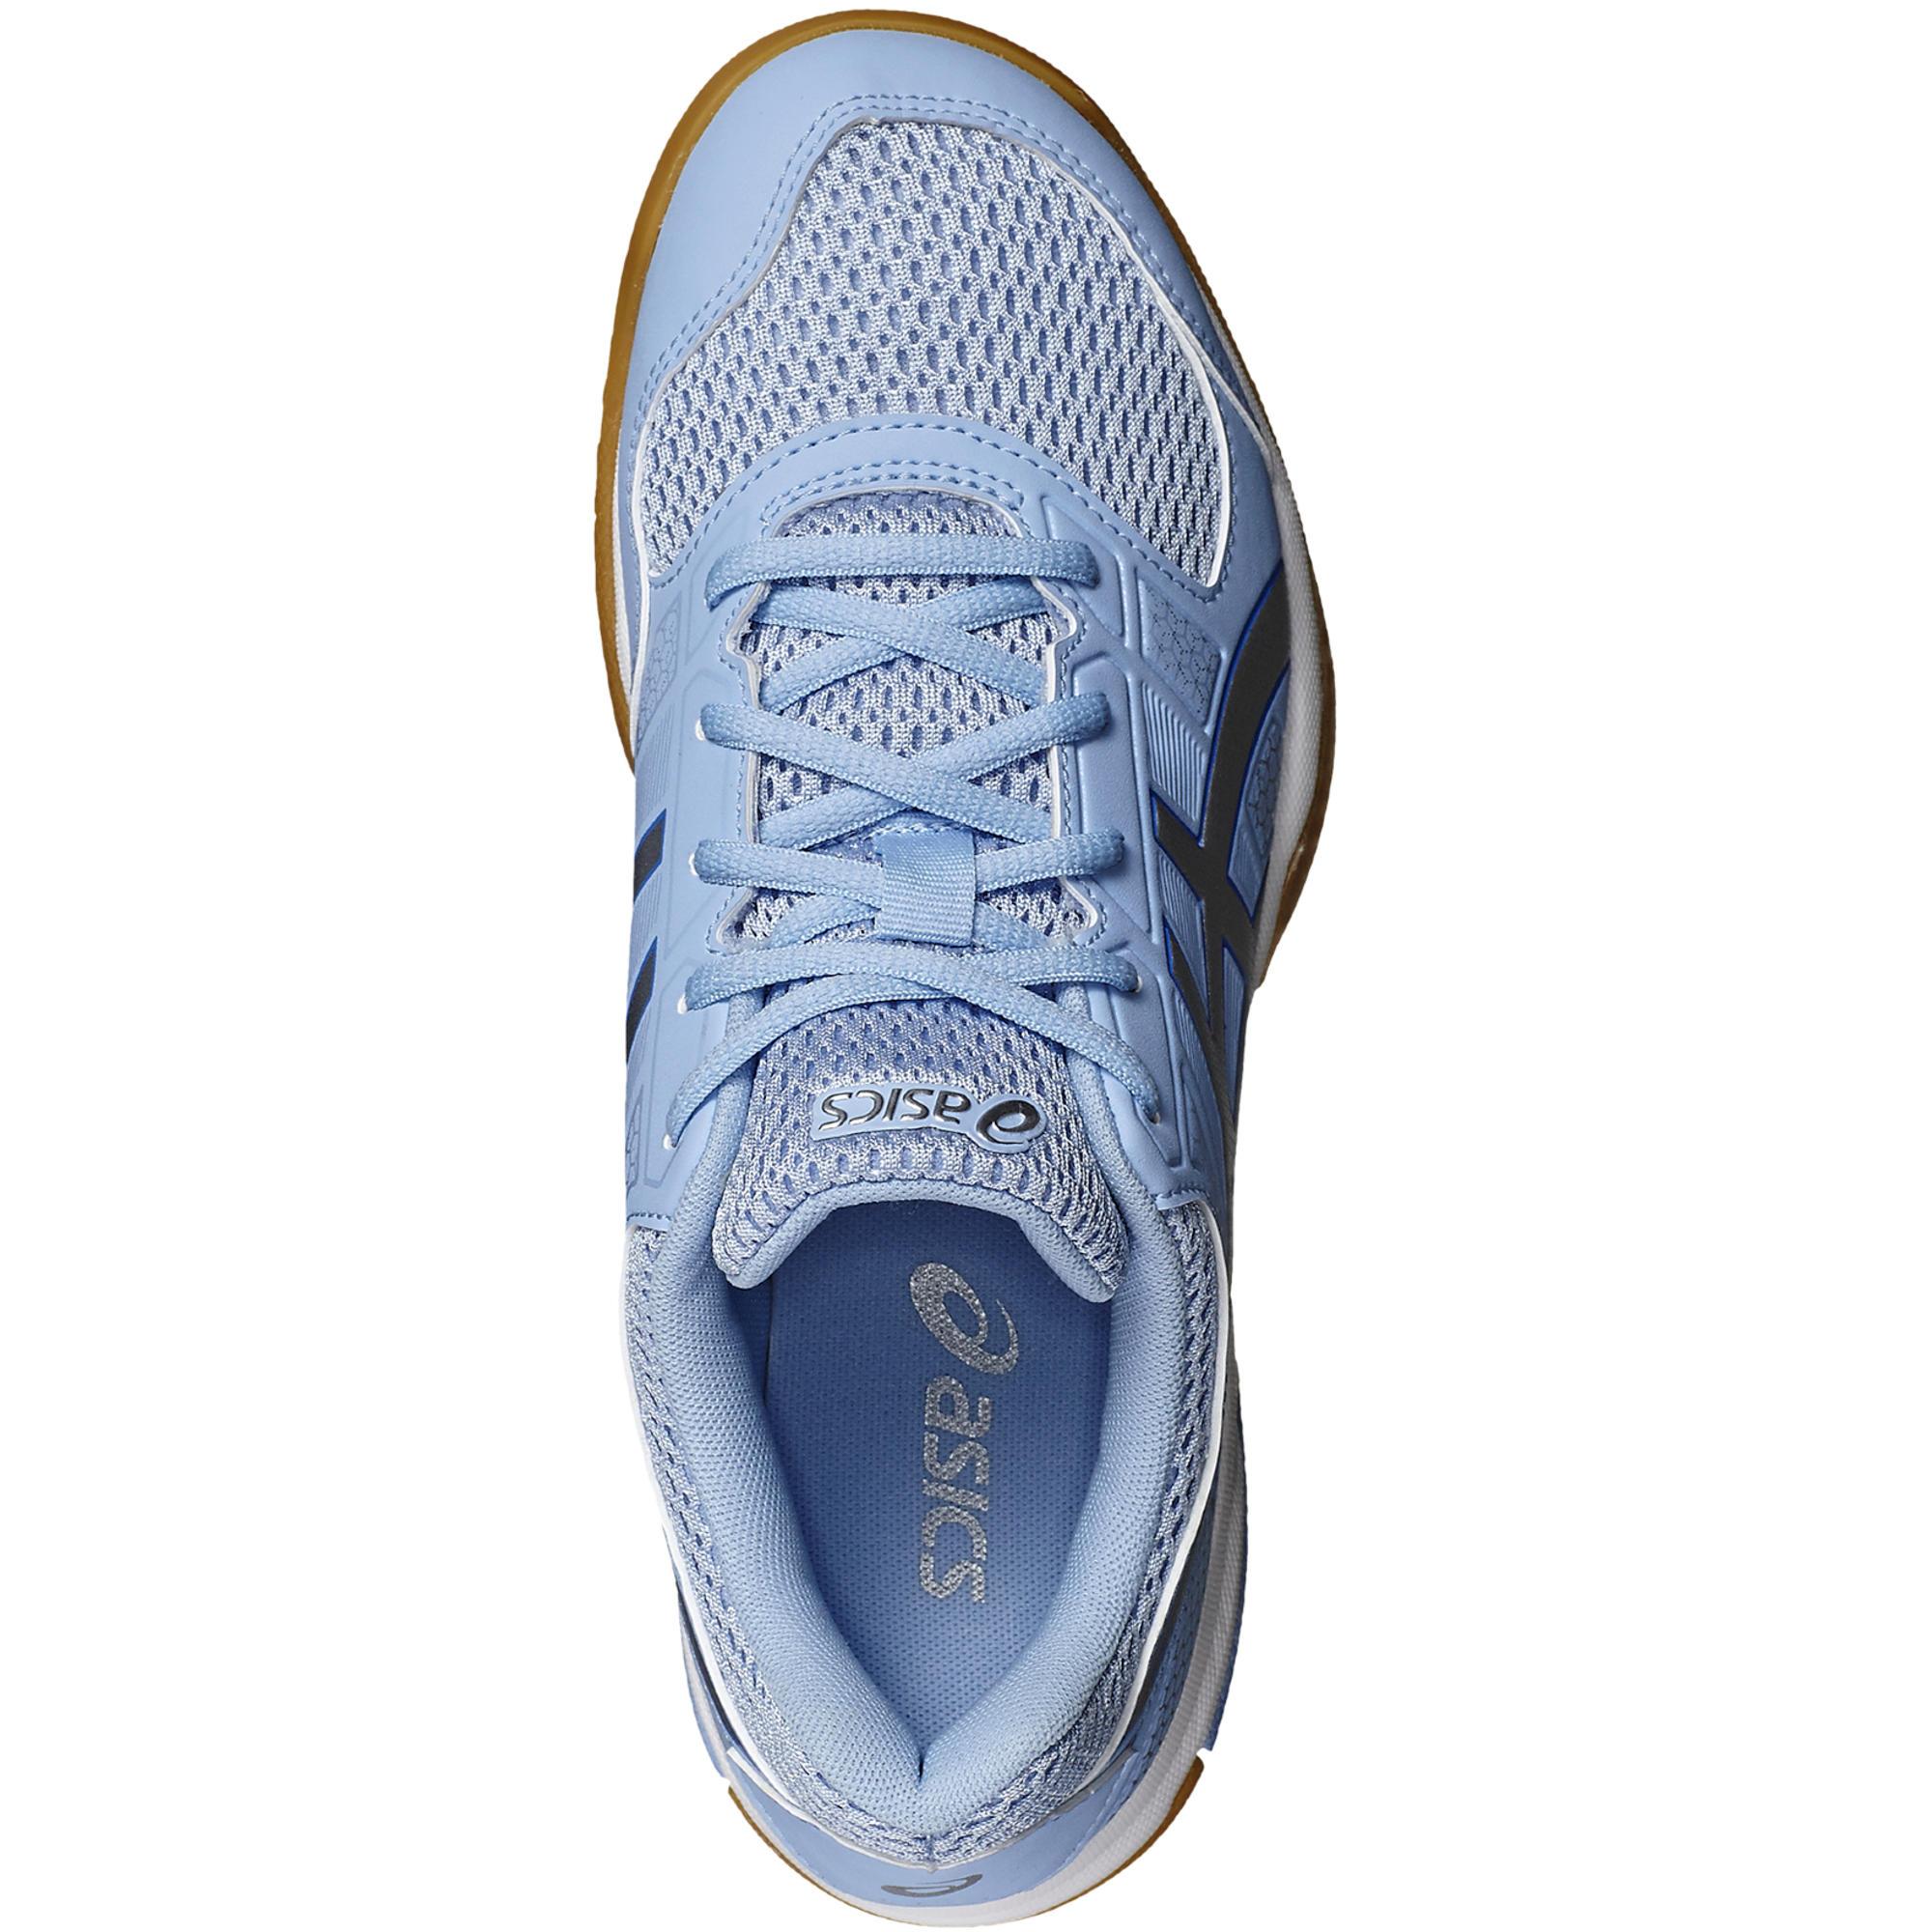 chaussures asics femme indoor gel rocket 7 bleu